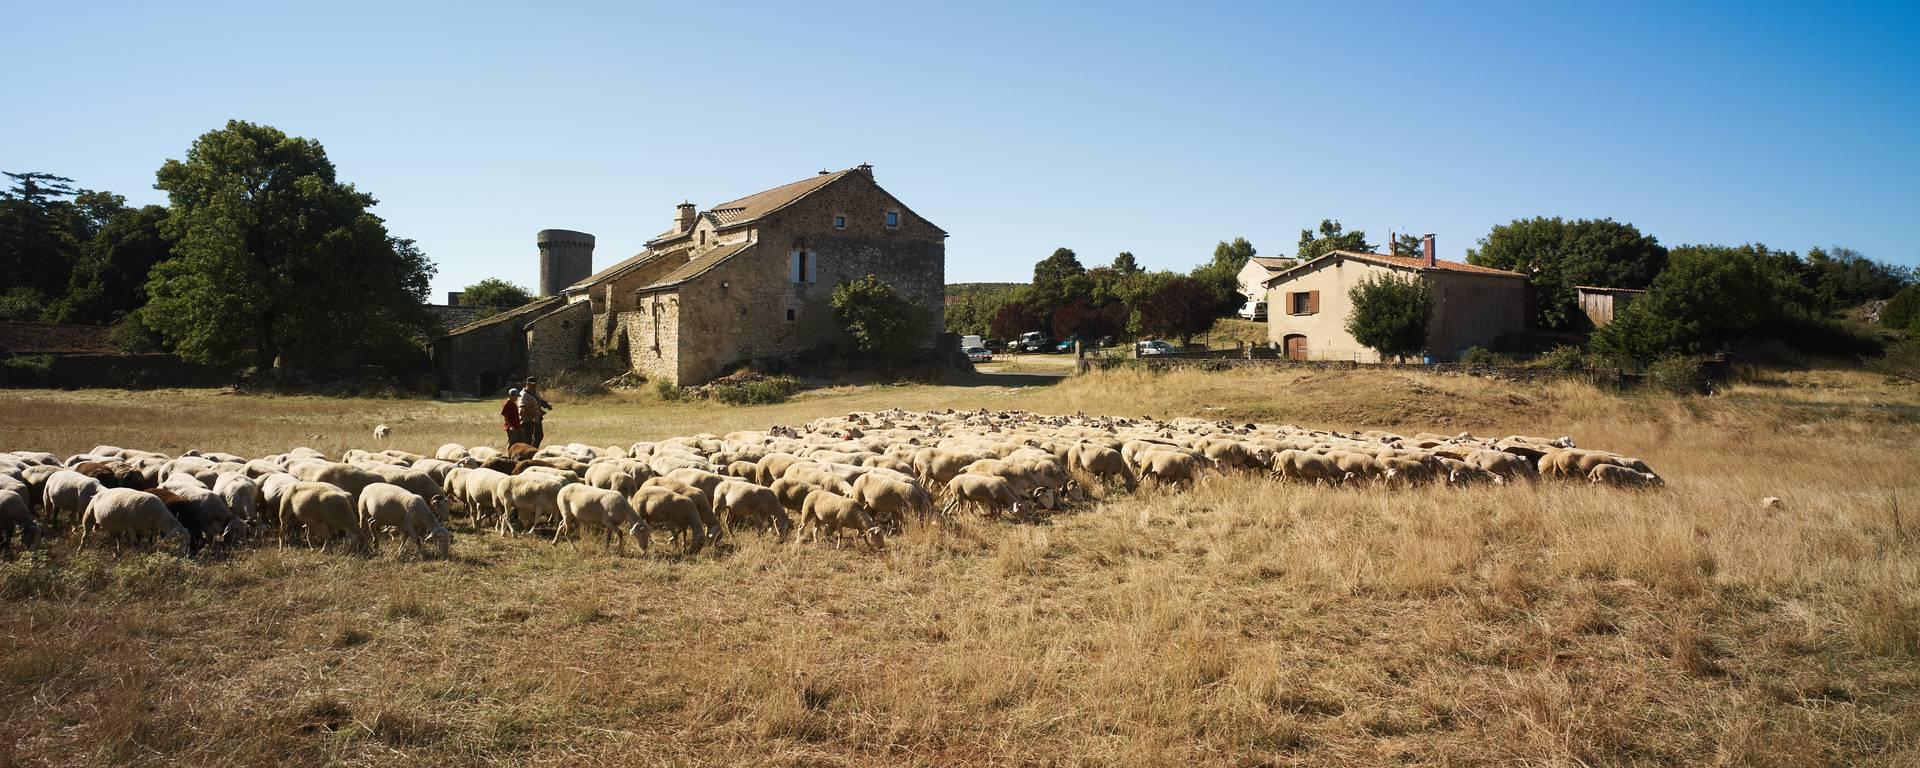 Journée groupe avec visite de ferme sur le Causse du Larzac